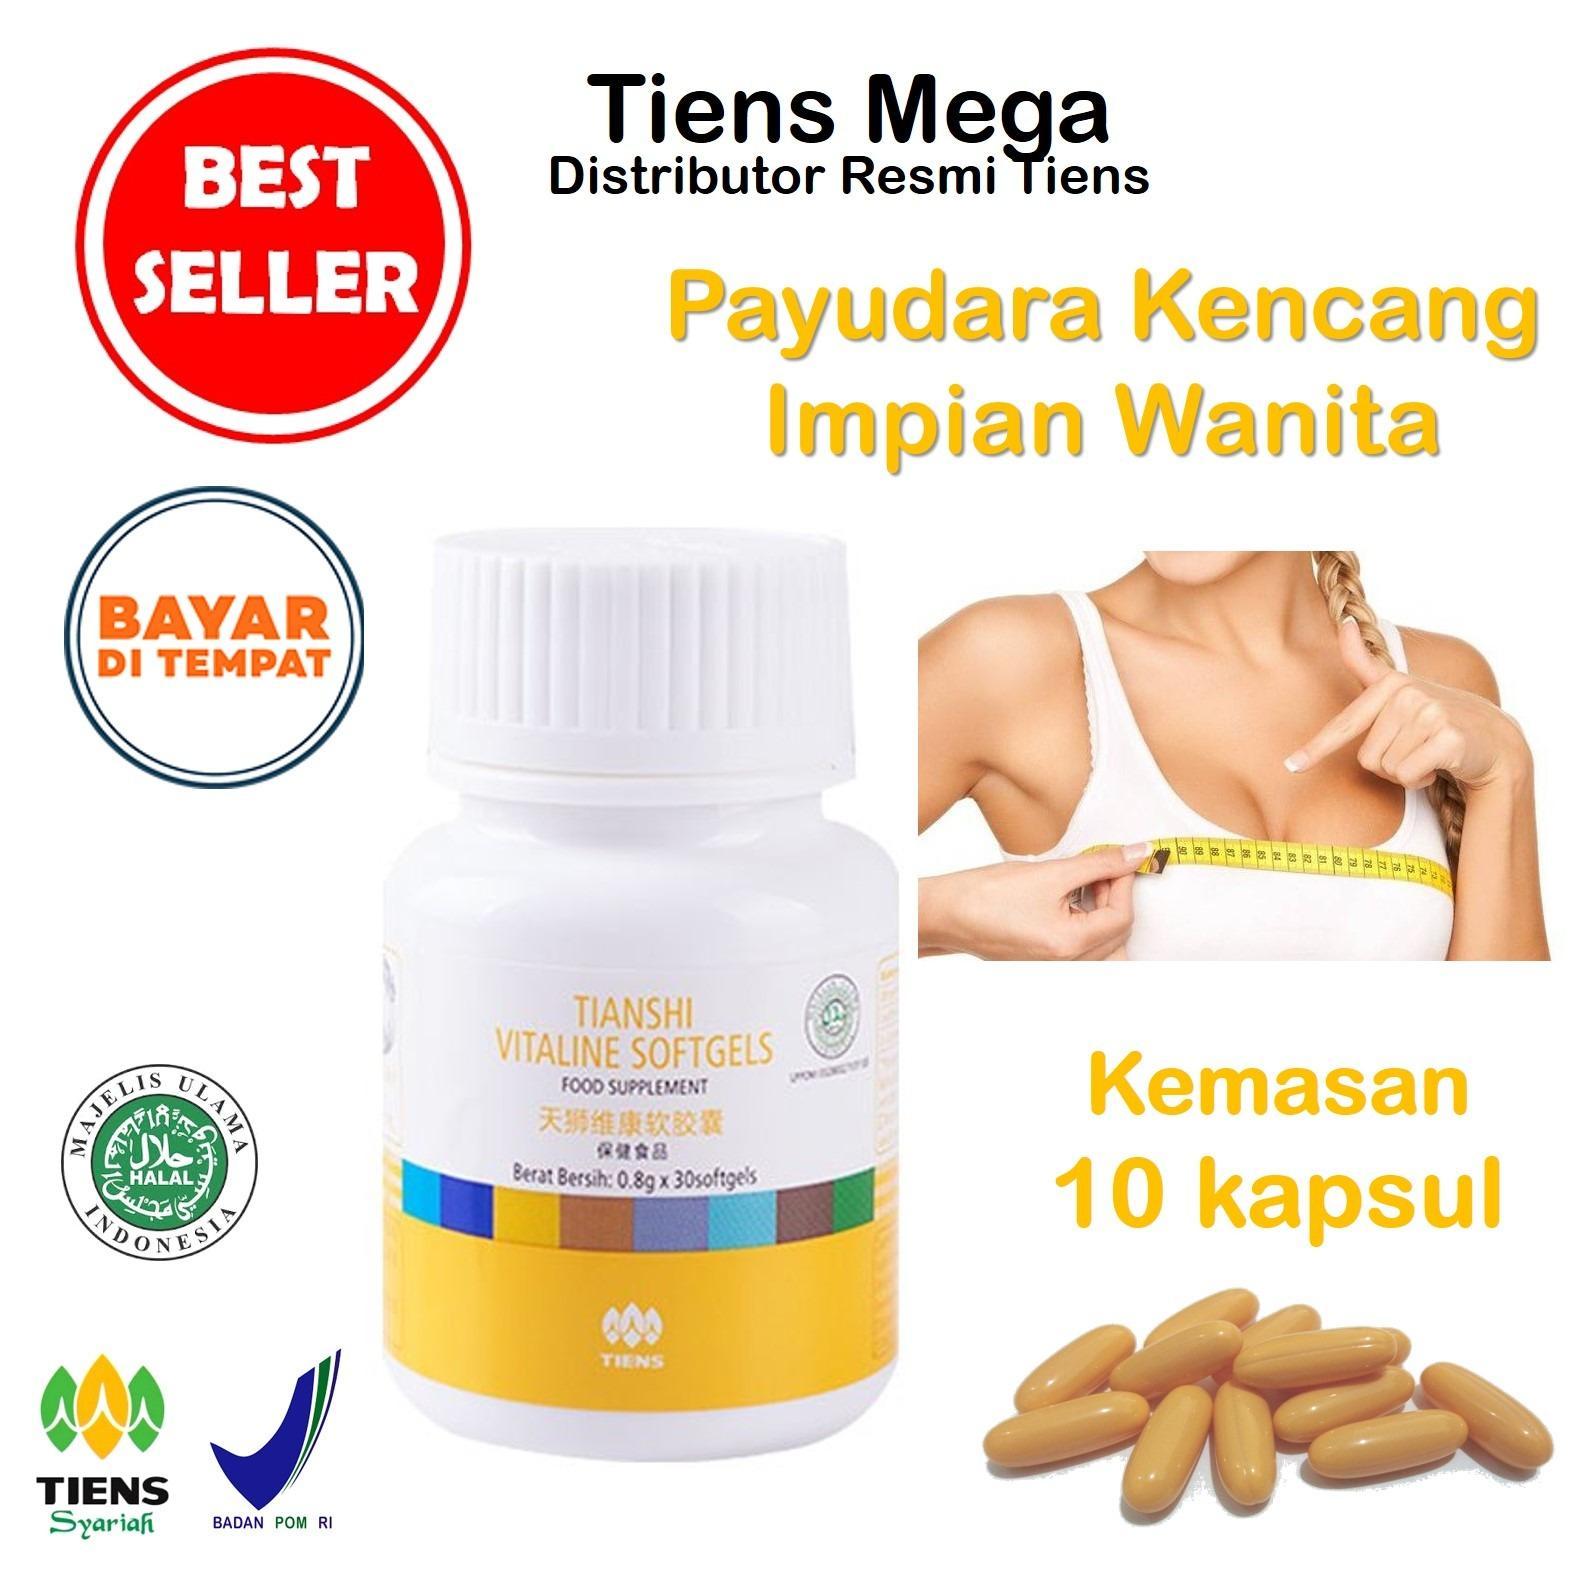 Tiens Vitaline Vitamin E Breast Oil Pengencang Payudara Paket Promo Banting Harga 10 Softgel Gratis Kartu Diskon Tiens Mega Tiens Diskon 30